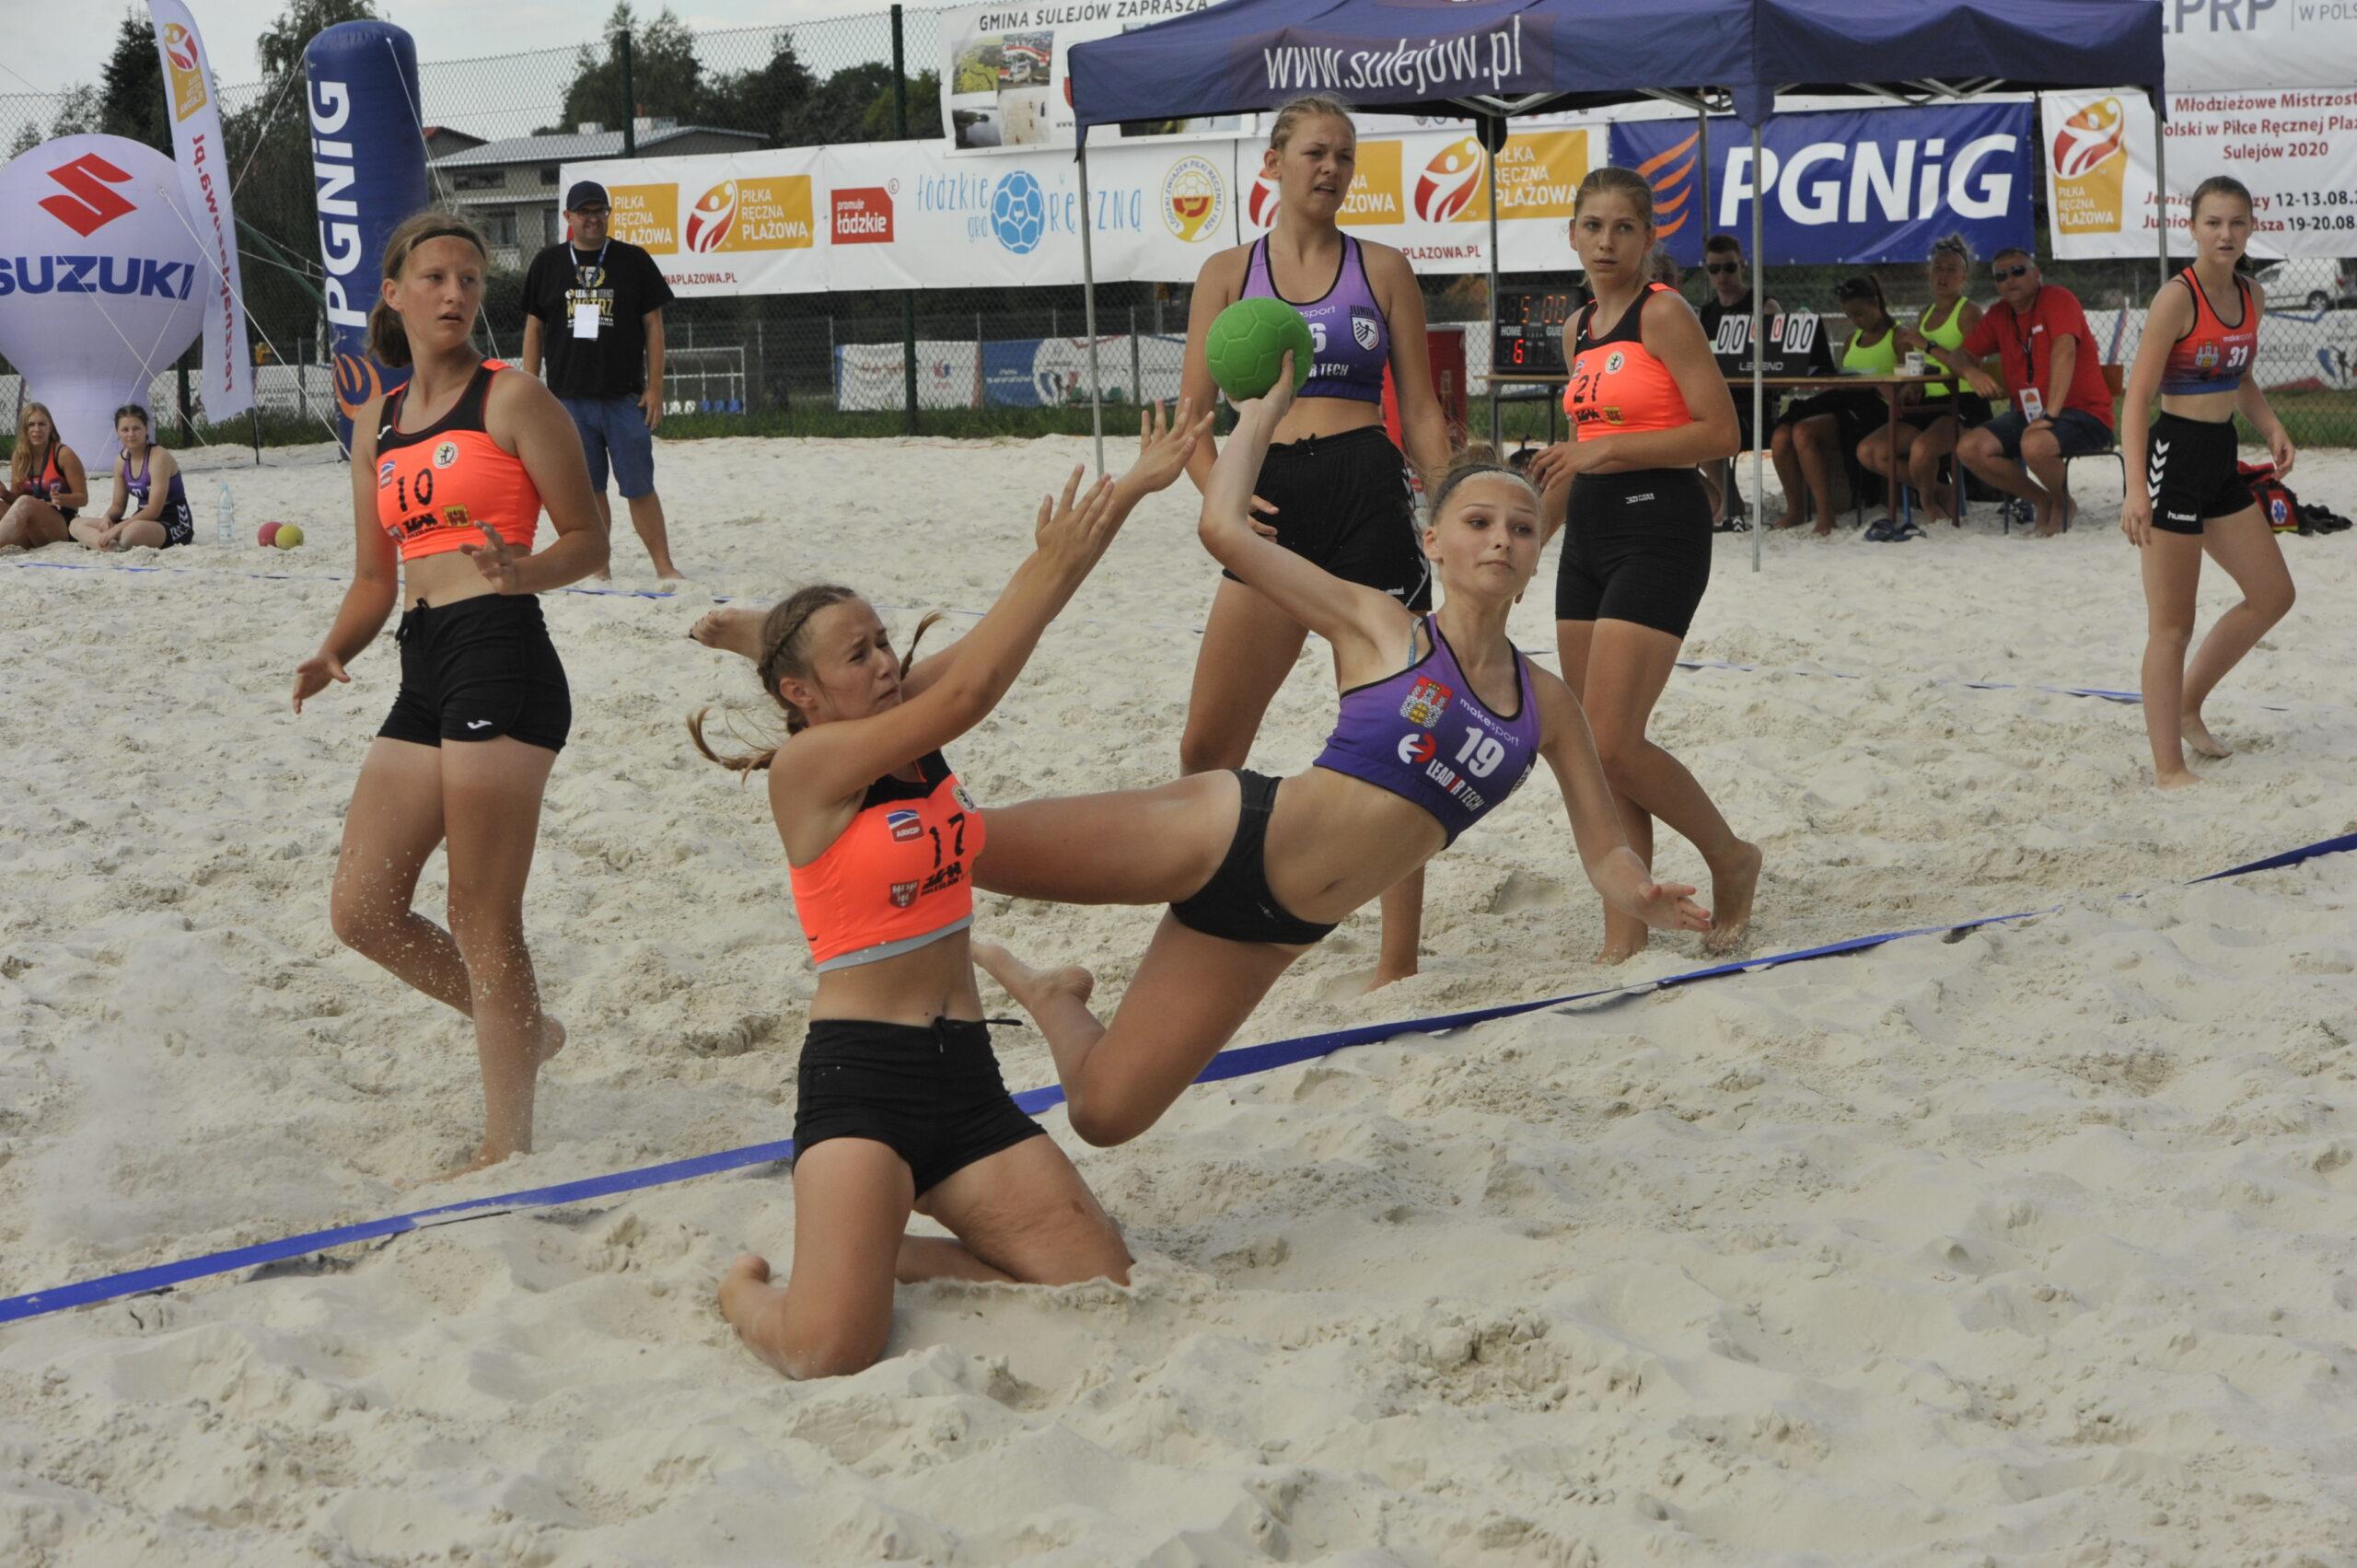 Mistrzostwa Polski Juniorek Młodszych w piłce ręcznej plażowej / Sulejów / 19-20.08.2020